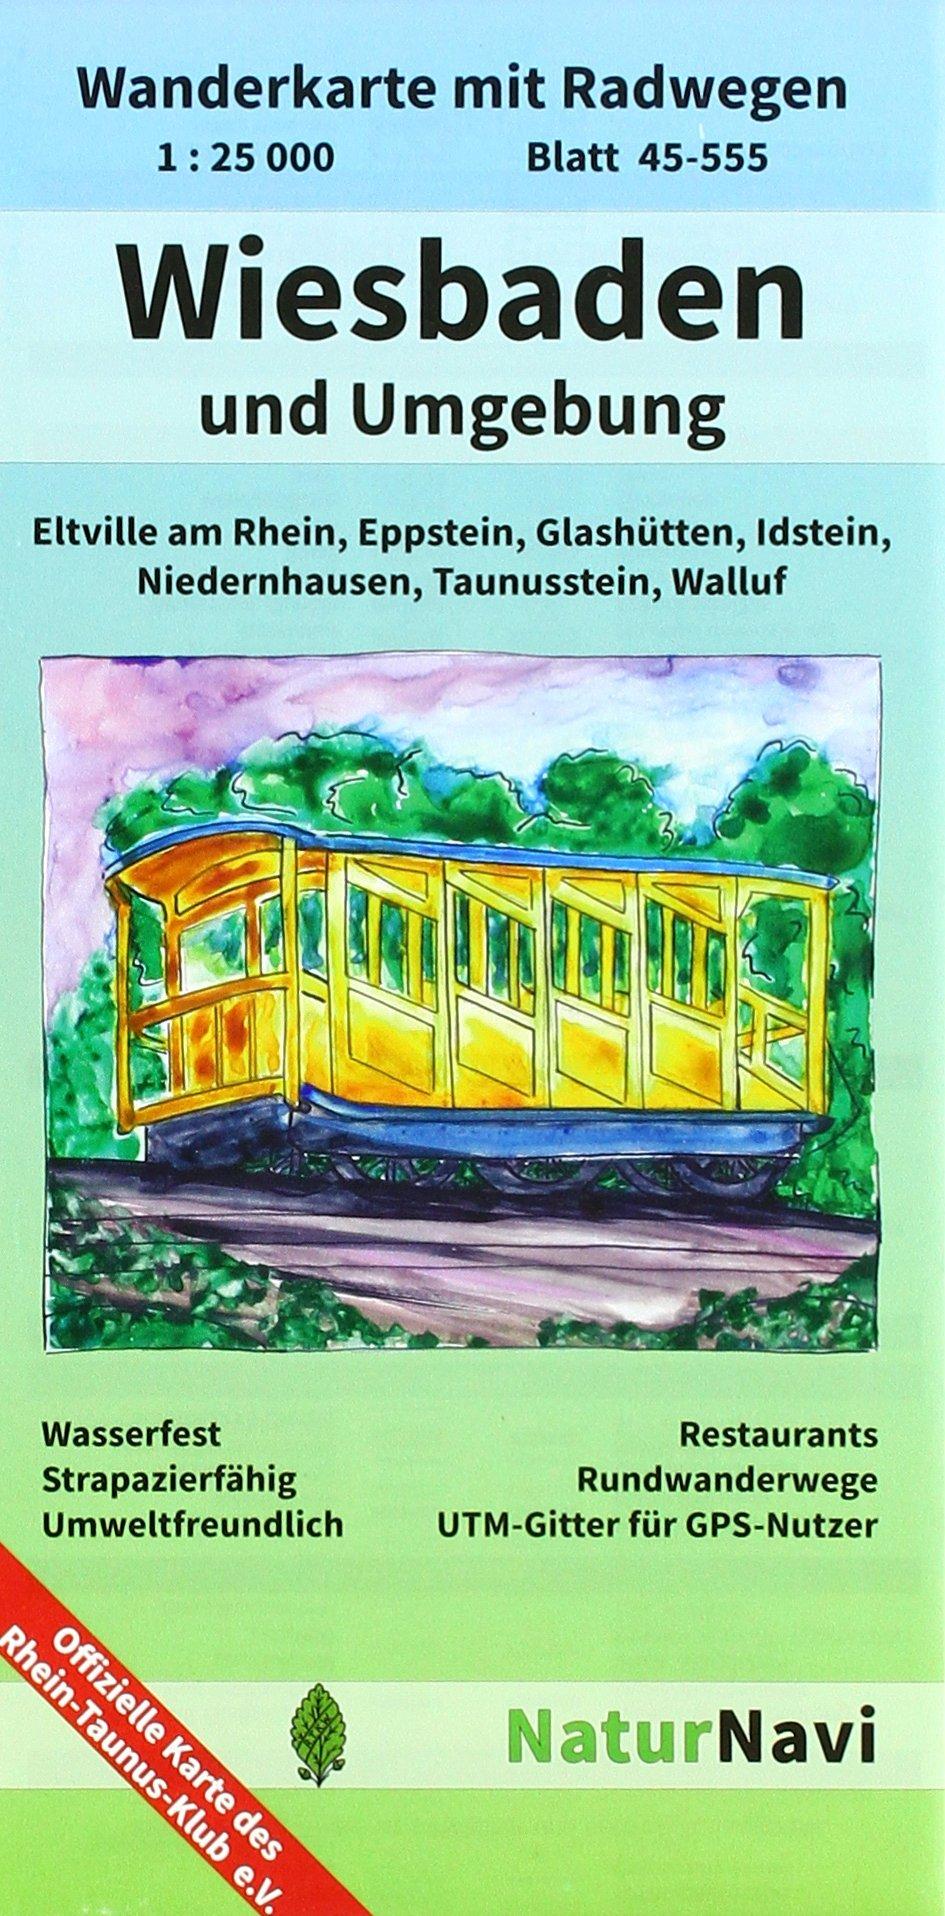 Wiesbaden und Umgebung: Wanderkarte mit Radwegen, Blatt 45-555, 1 : 25 000, Eltville am Rhein, Eppstein, Glashütten, Idstein, Niedernhausen, ... (NaturNavi Wanderkarte mit Radwegen 1:25 000)